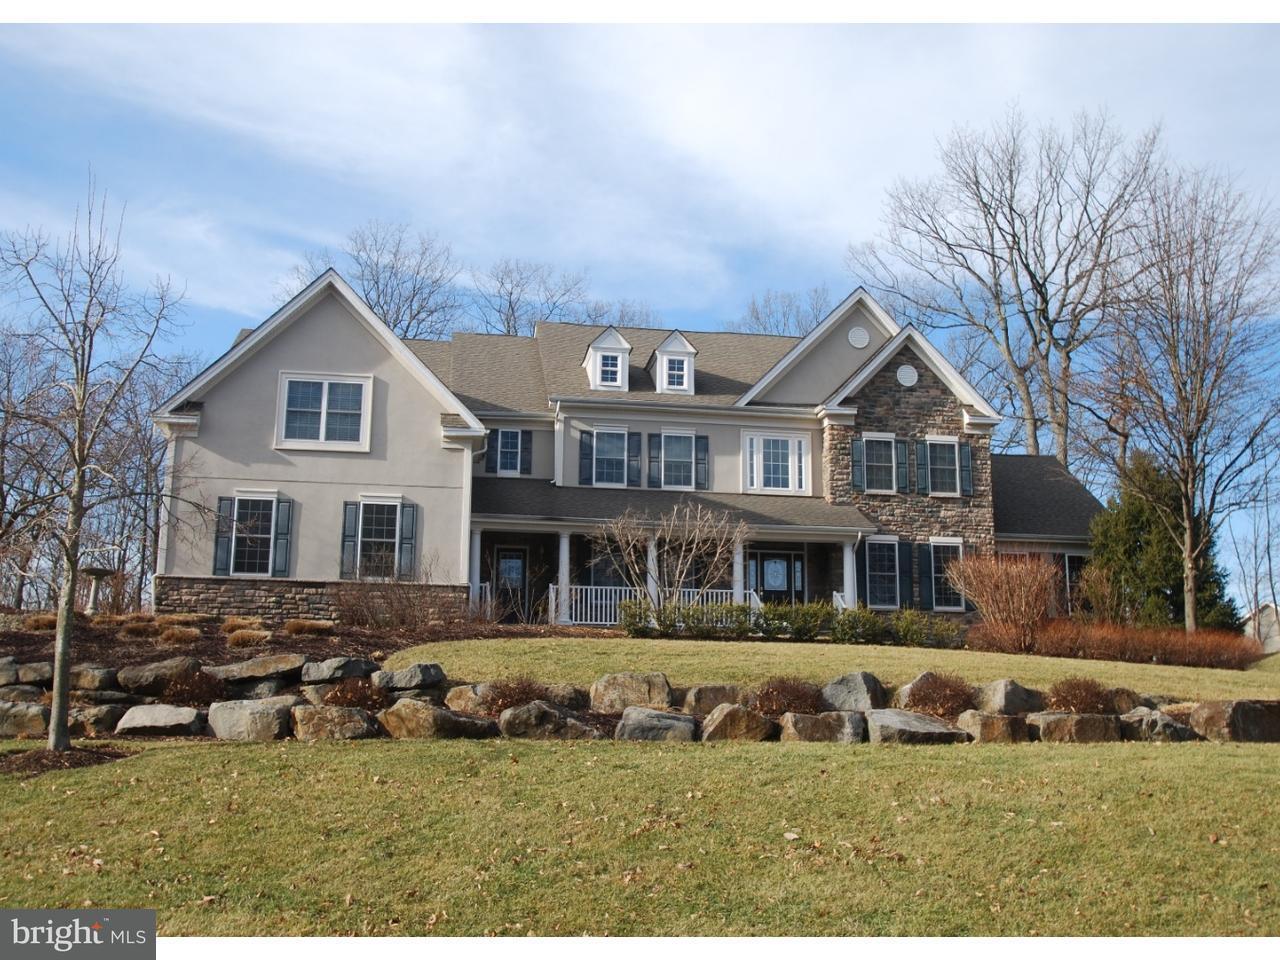 独户住宅 为 销售 在 1609 CREAGH KNOLL Lane Downingtown, 宾夕法尼亚州 19335 美国